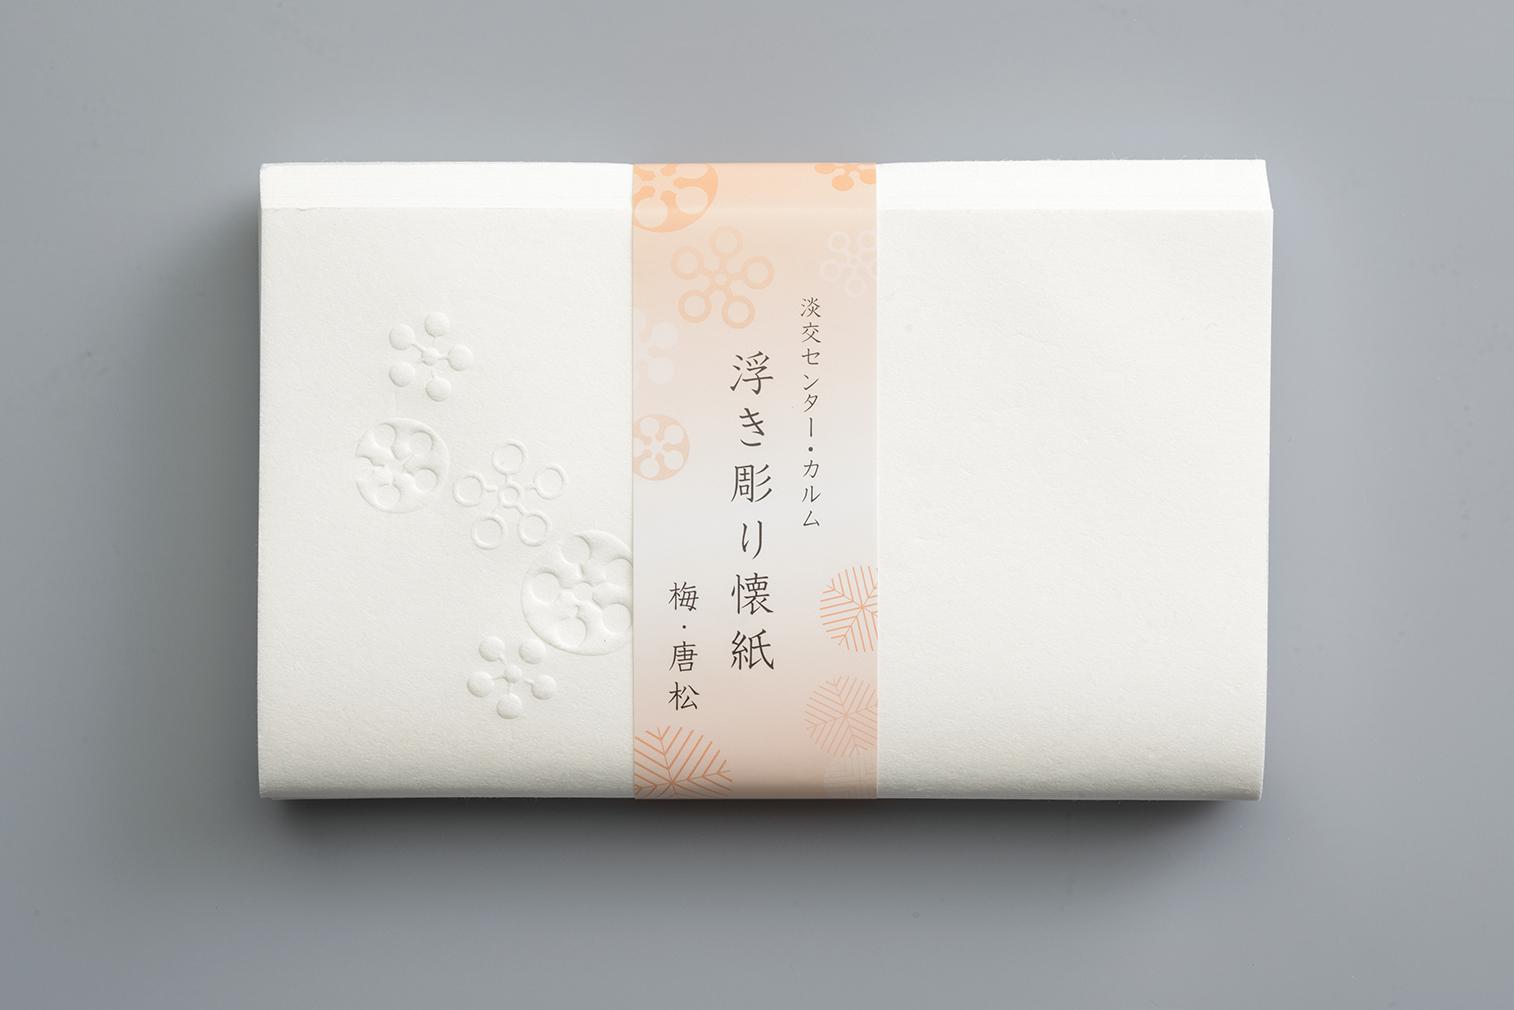 浮き彫り懐紙(利休梅・唐松 各1帖)